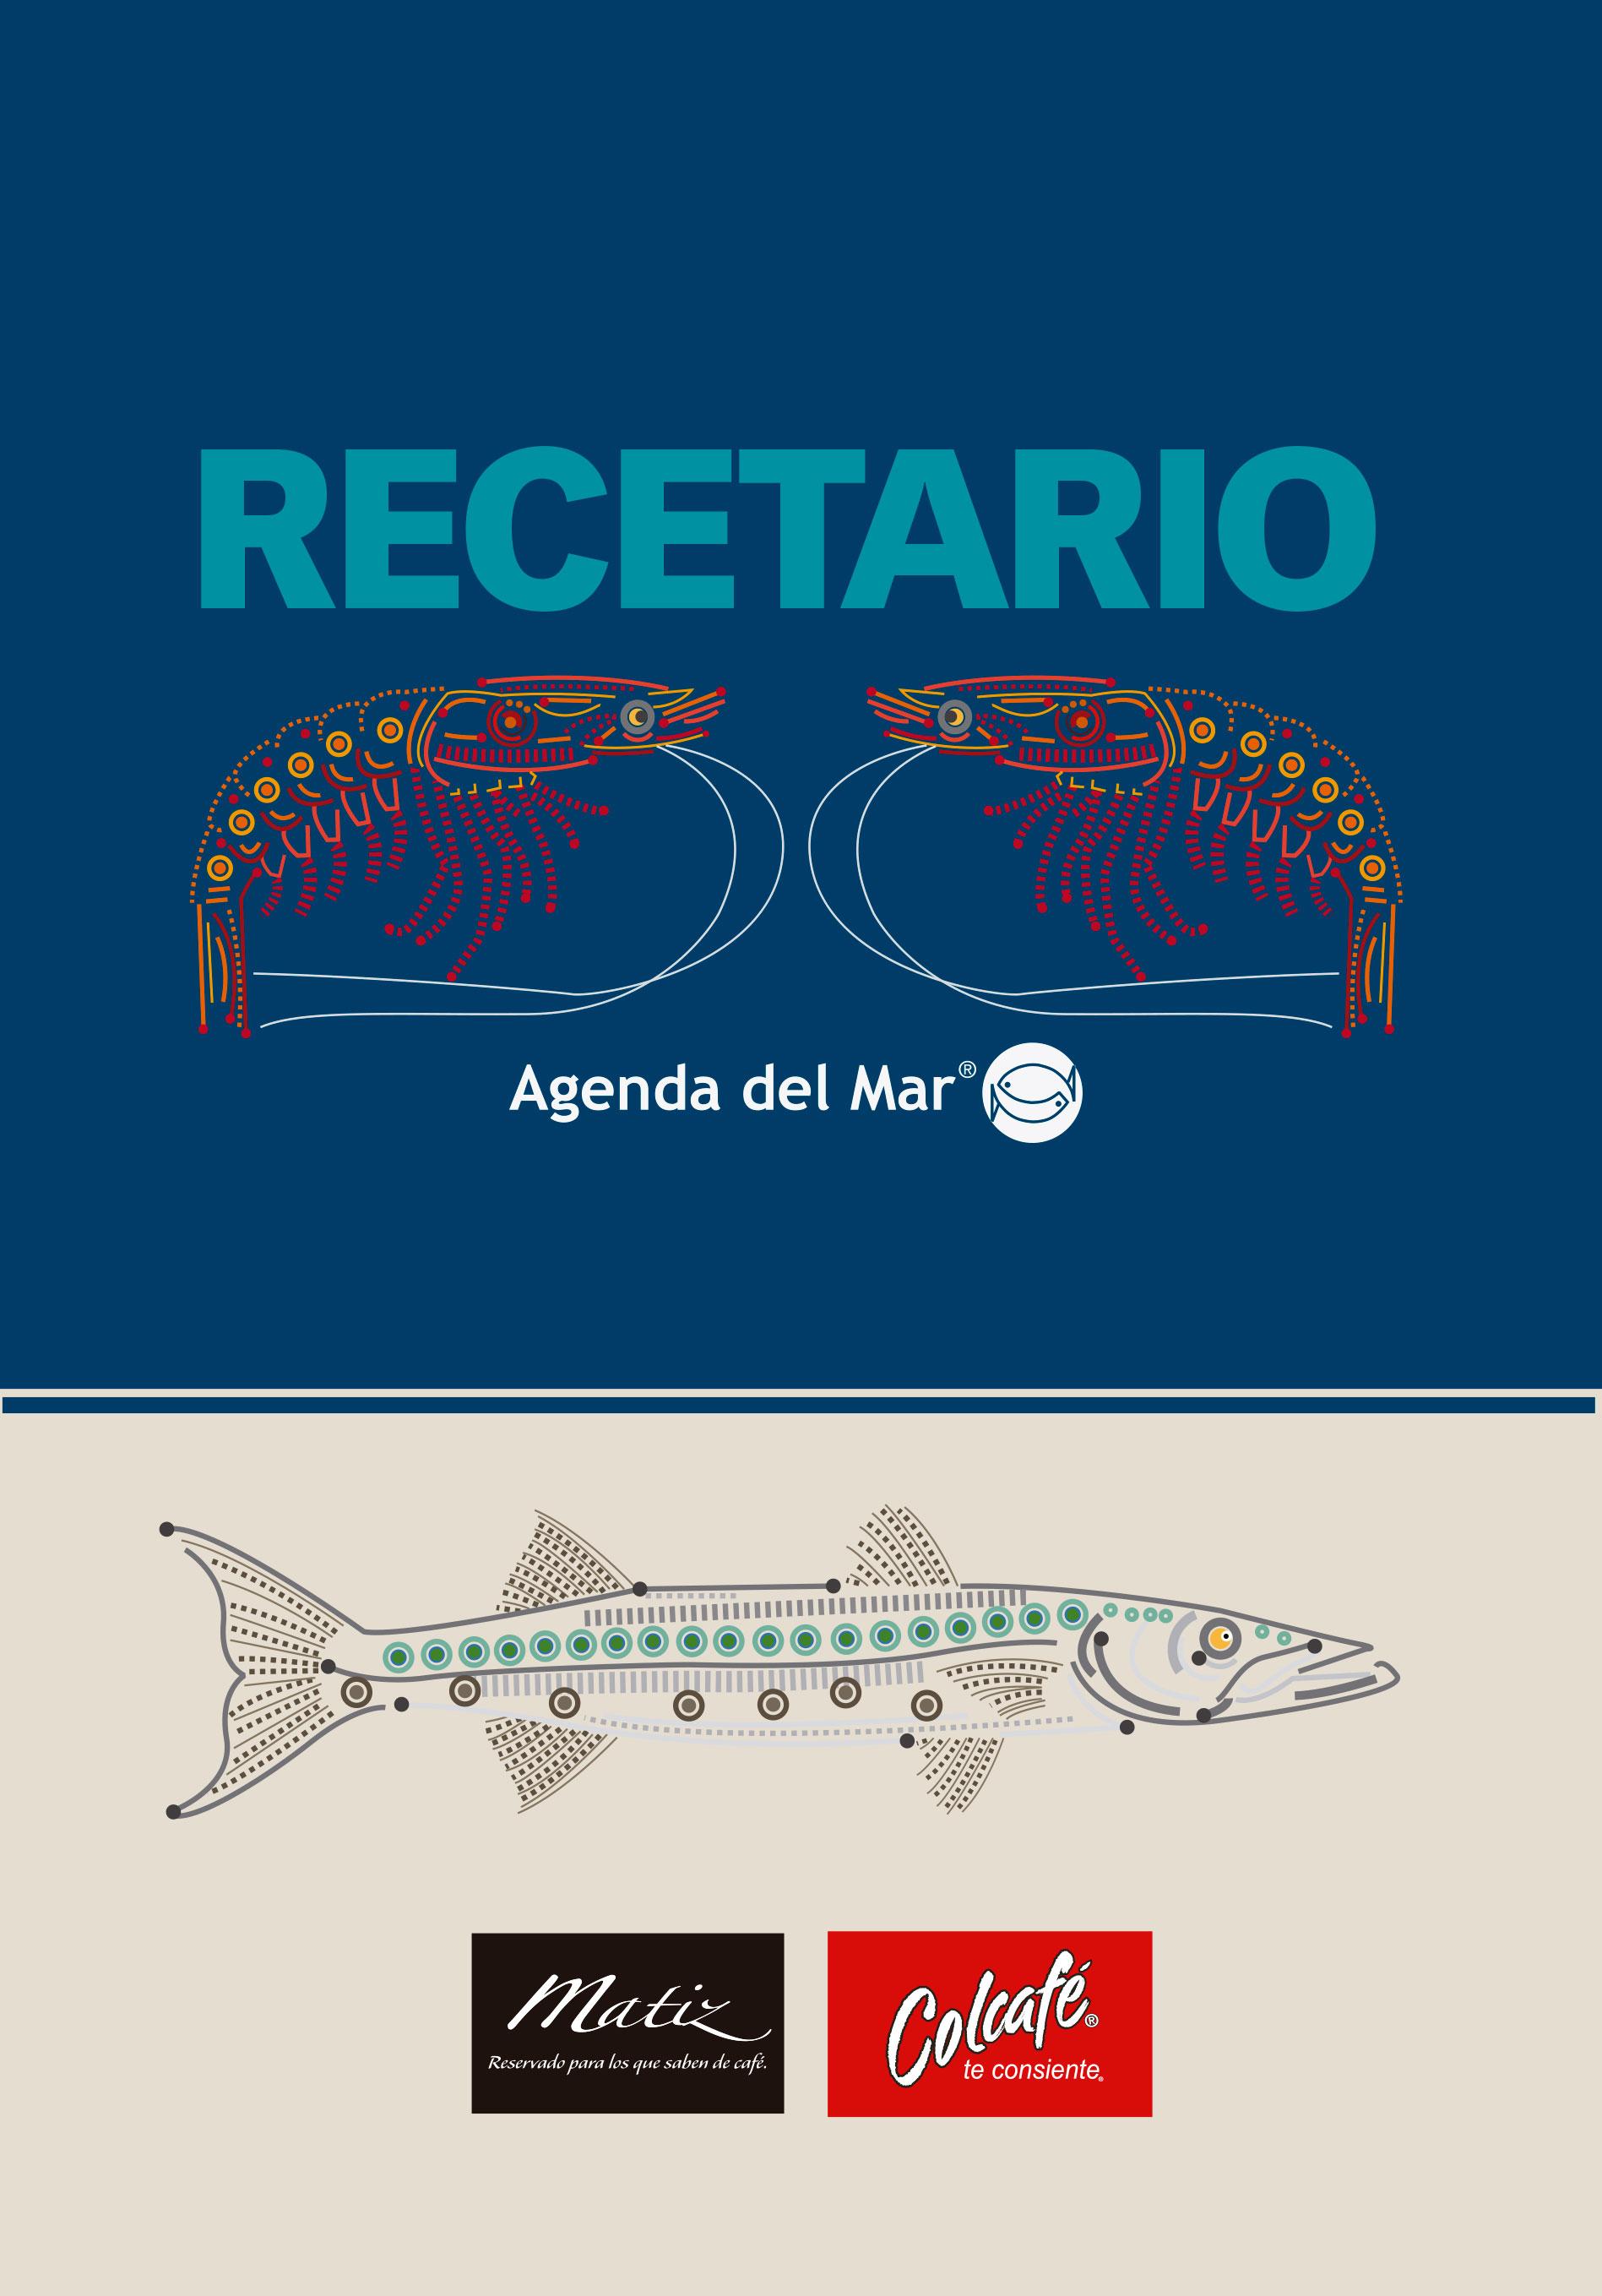 Recetario Agenda del Mar 2015